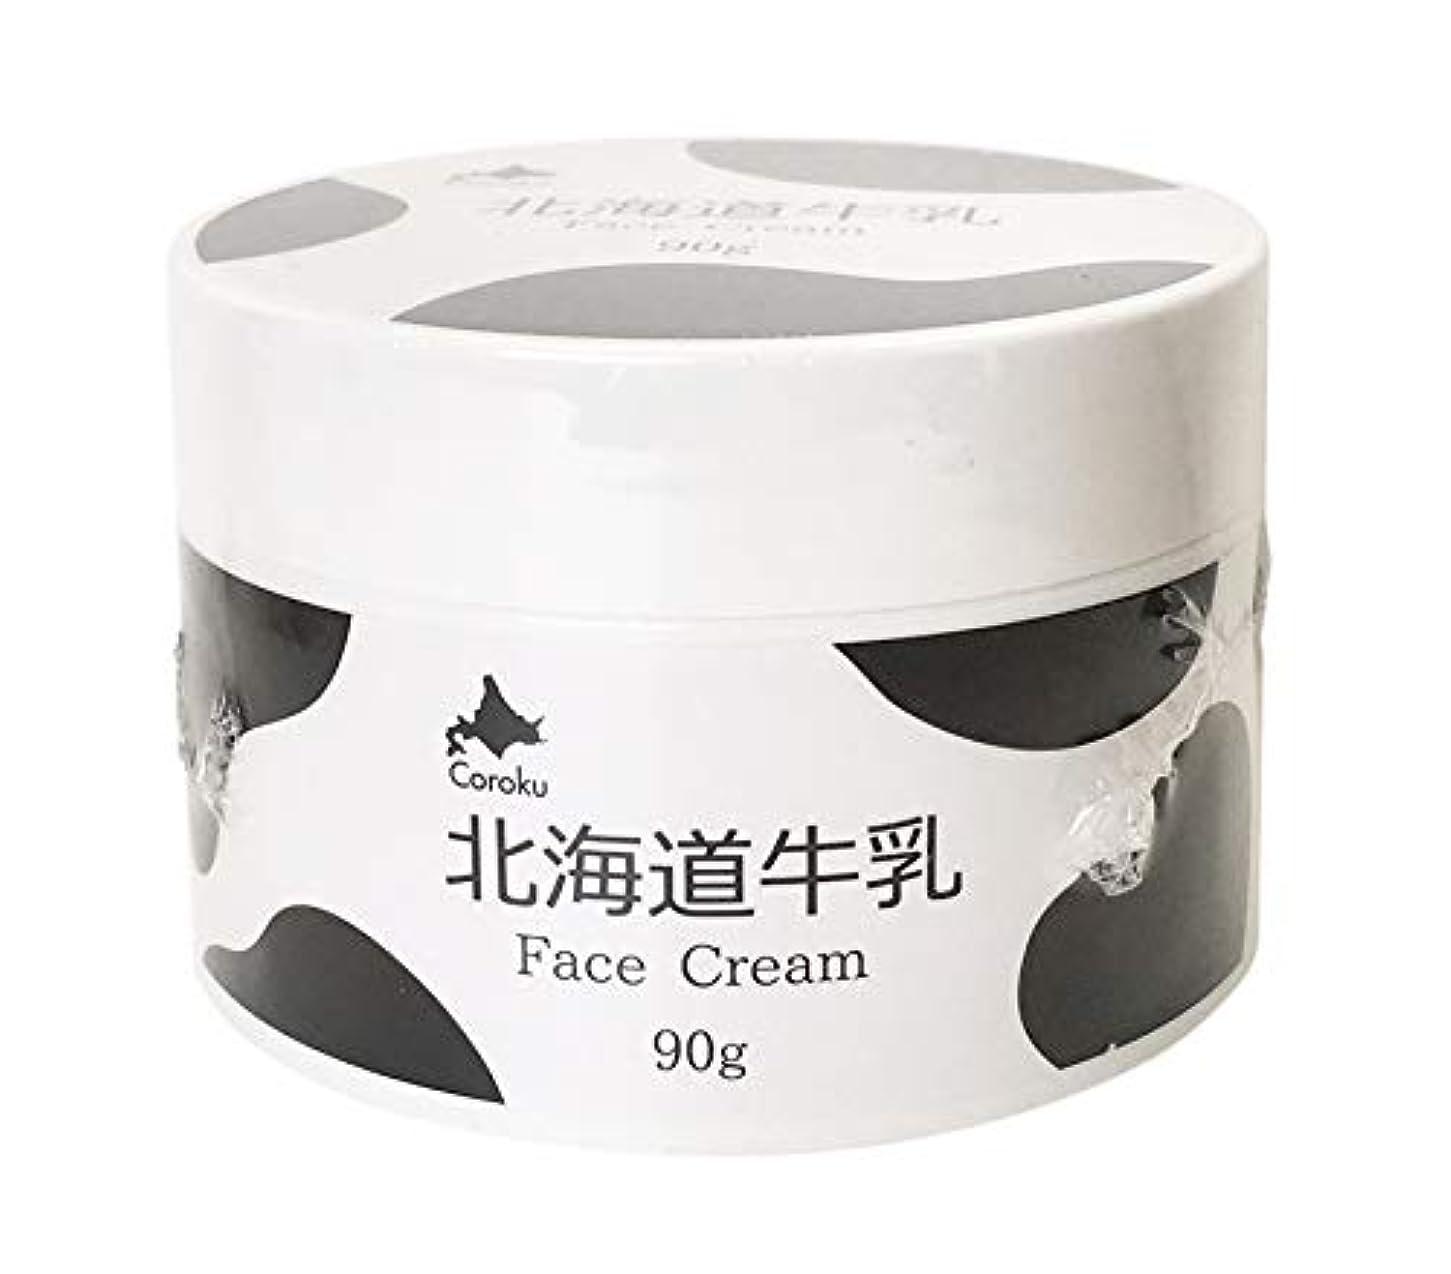 せせらぎバレエ囲む北海道牛乳 フェイスクリーム FACE CREAM 90g